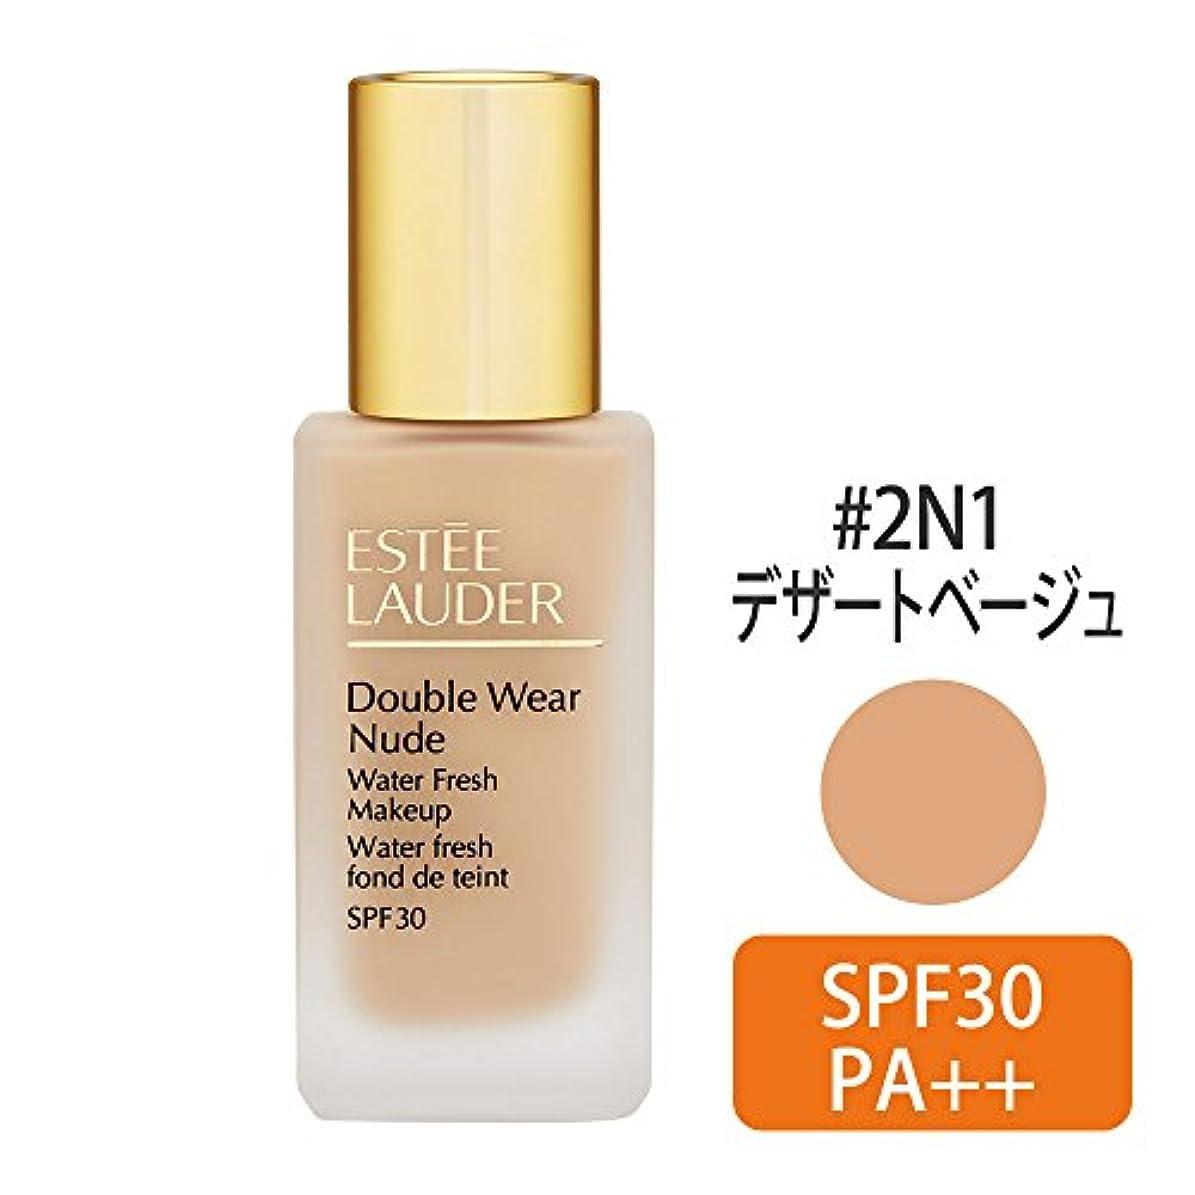 添加利点お香エスティローダー(Estee Lauder) ダブルウェア ヌードウォーター フレッシュ メイクアップ SPF30/PA++ #2N1(デザートベージュ) [並行輸入品]